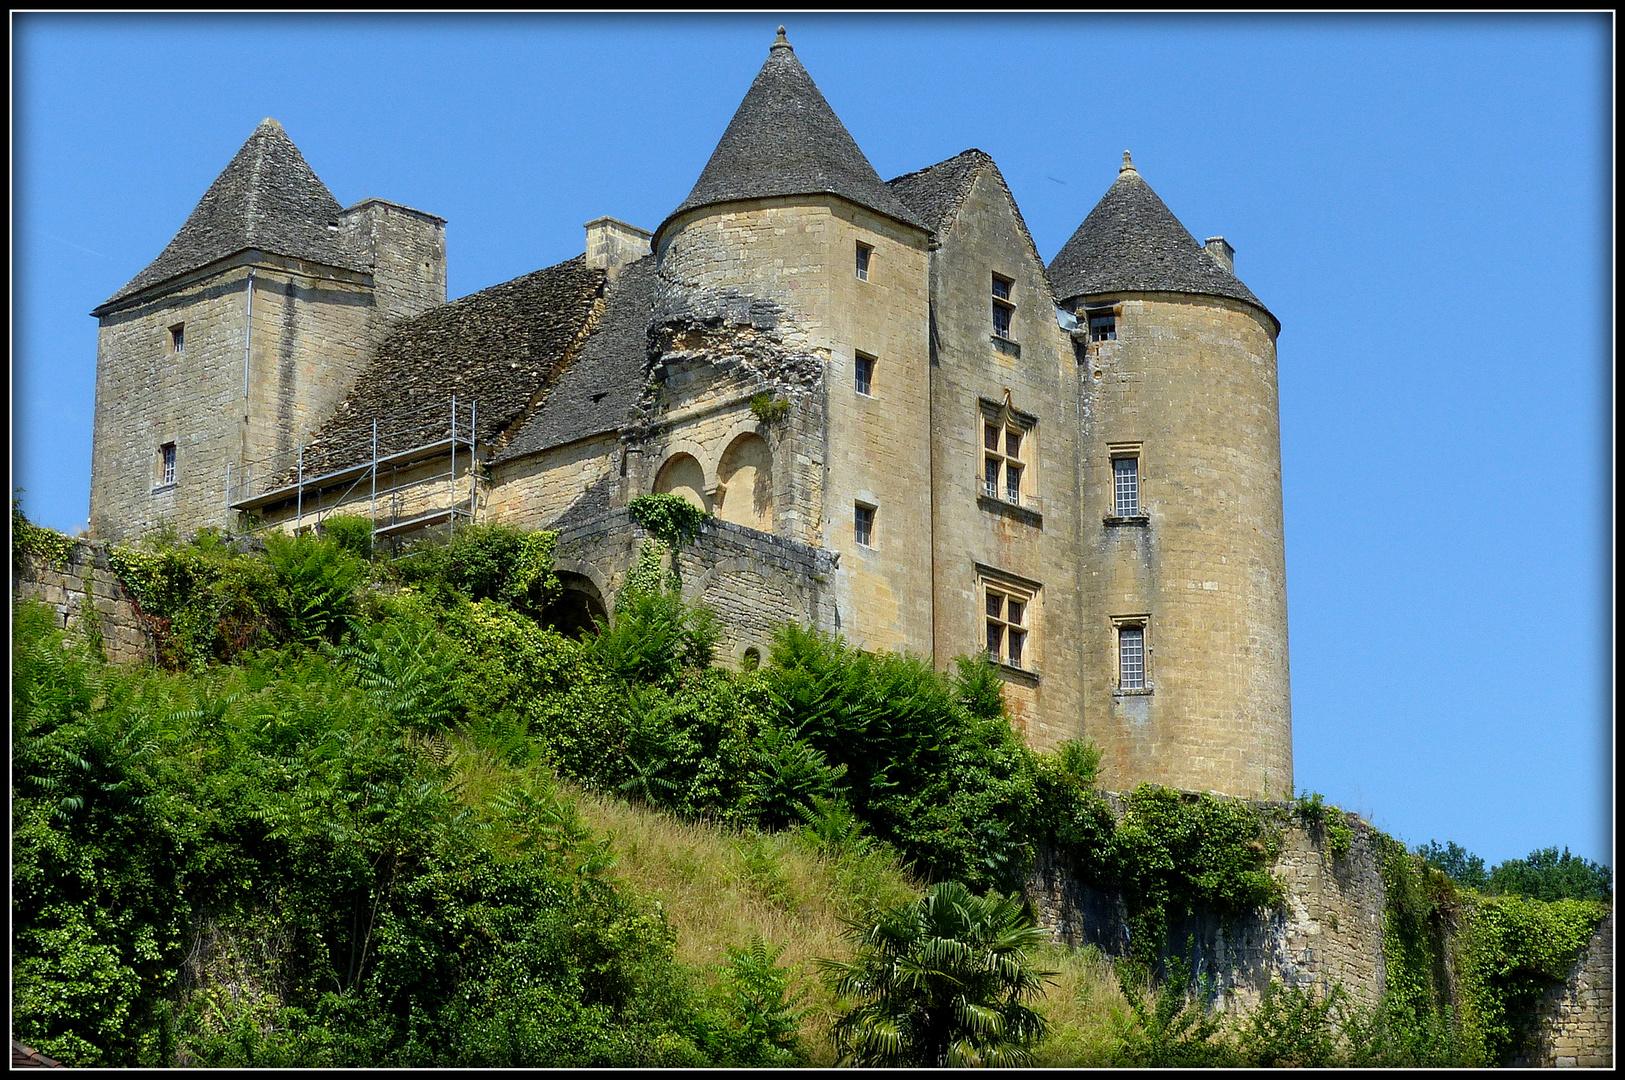 Balade en Limousin  - Juillet - 2019 - 2